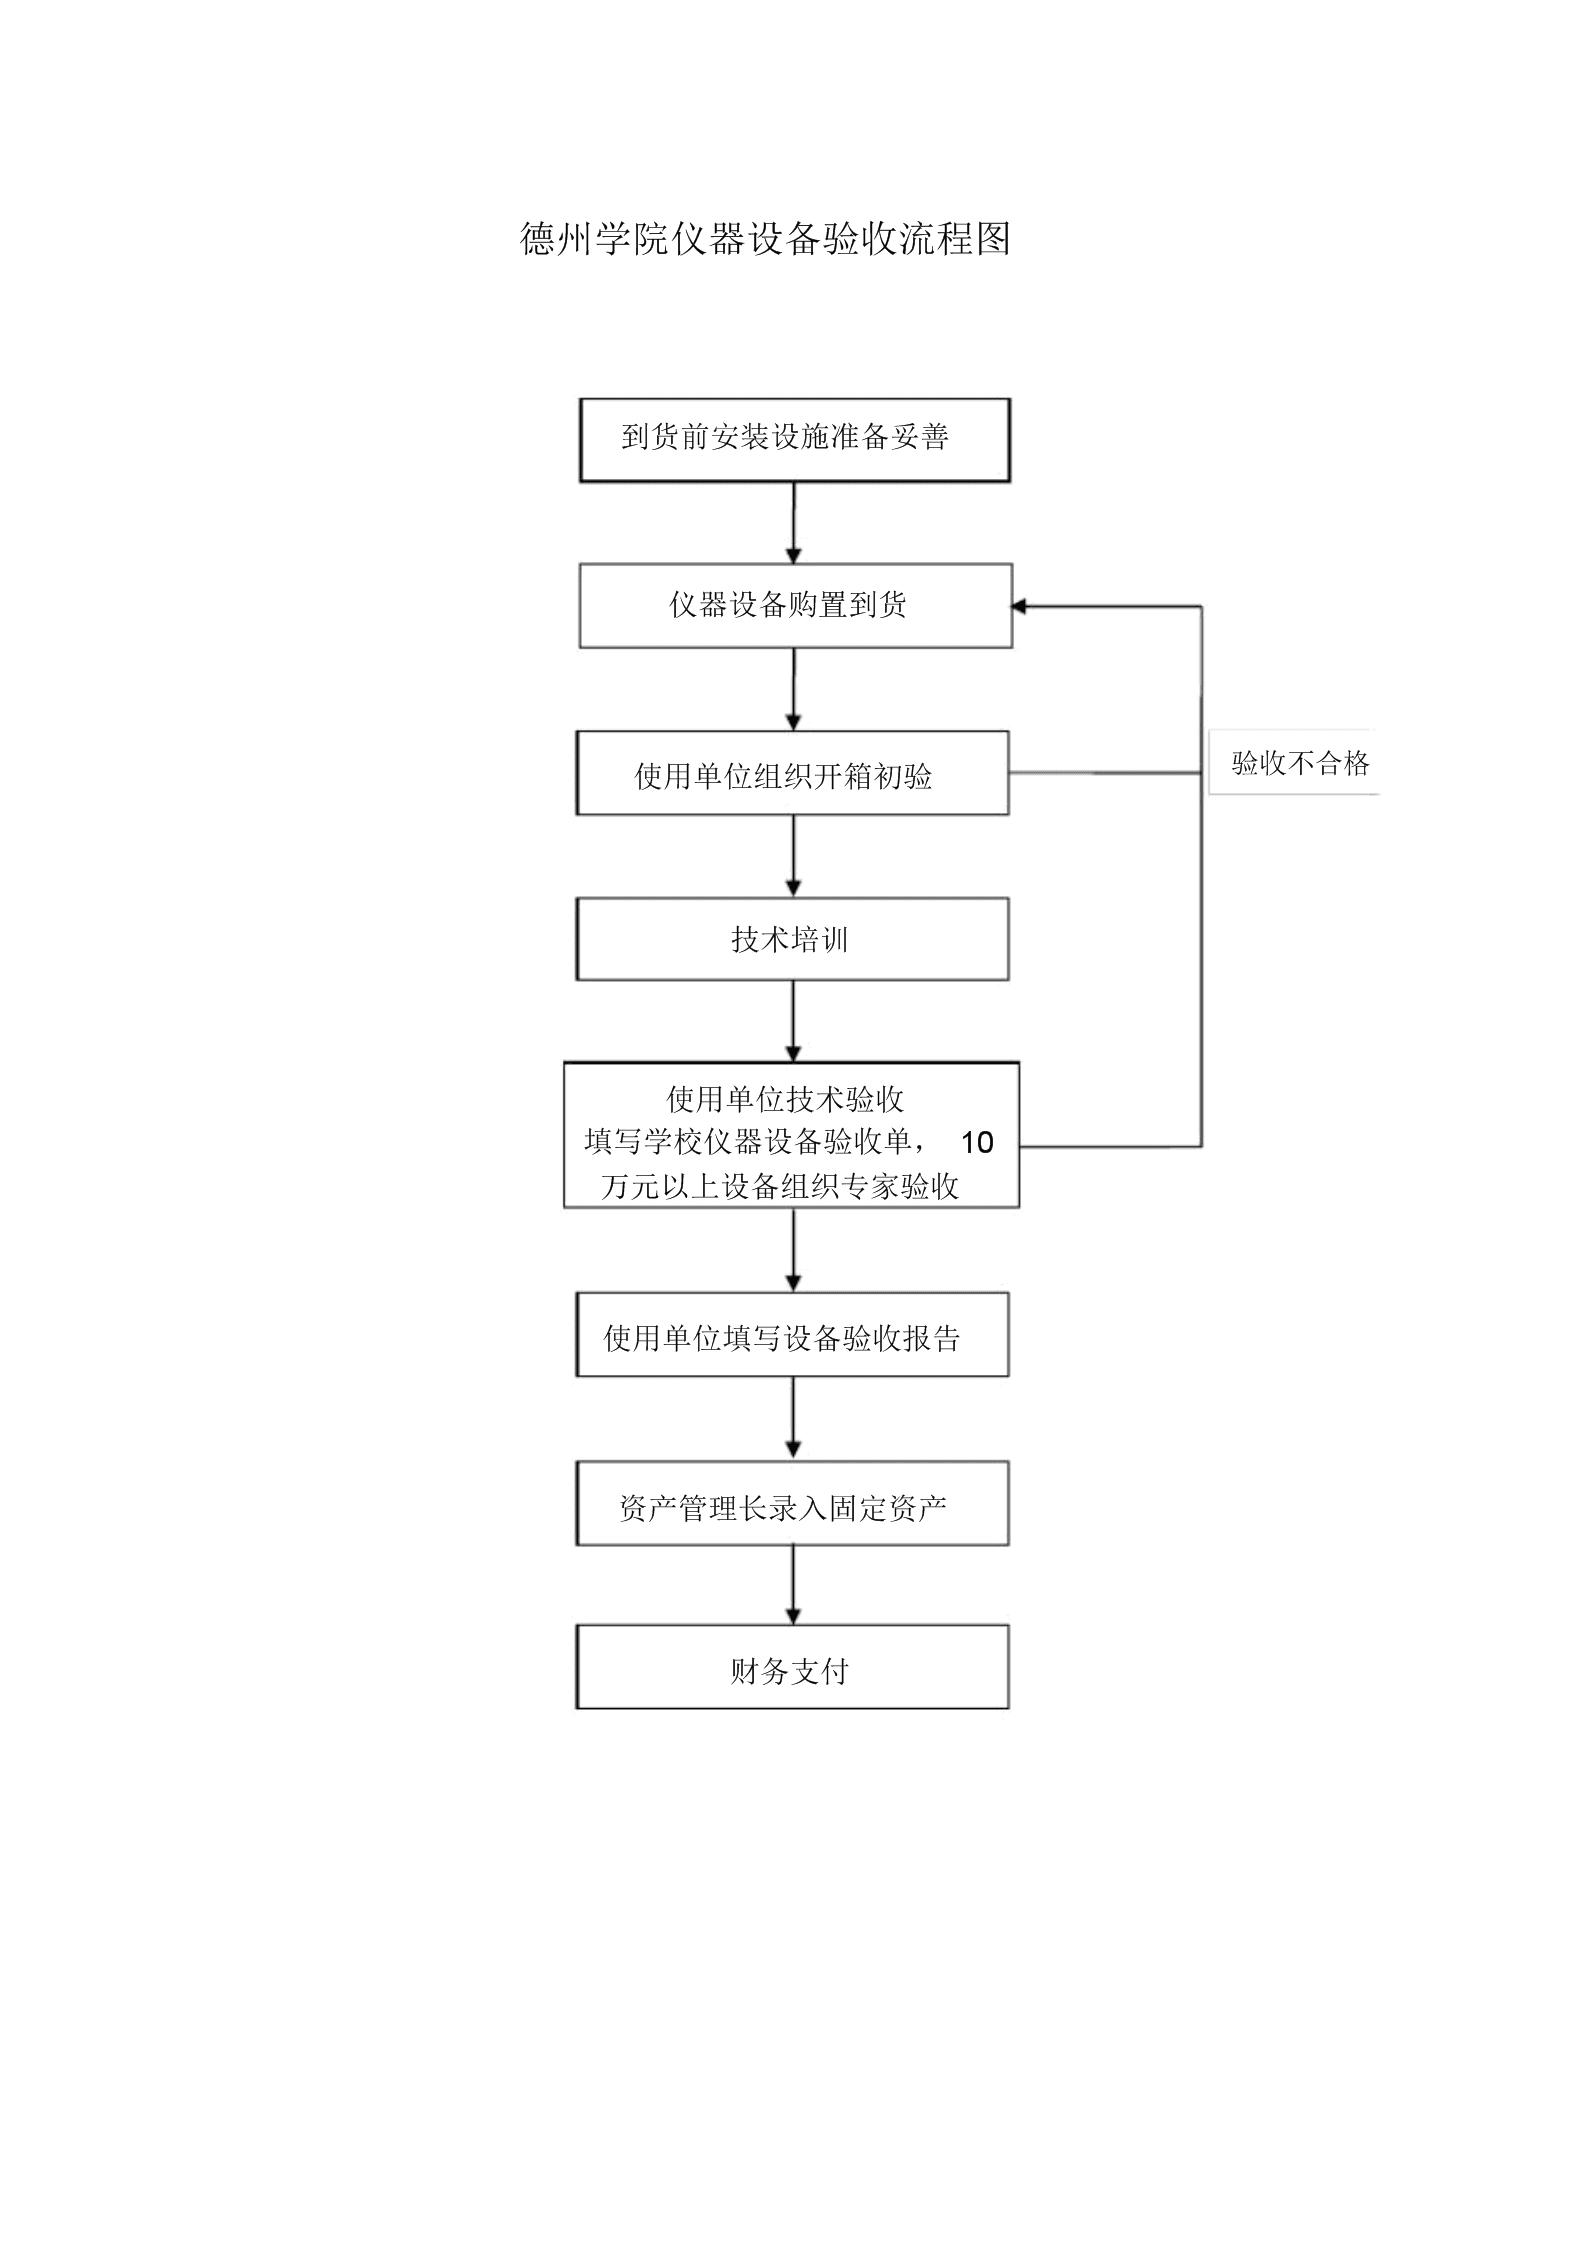 仪器设备验收流程图.docx